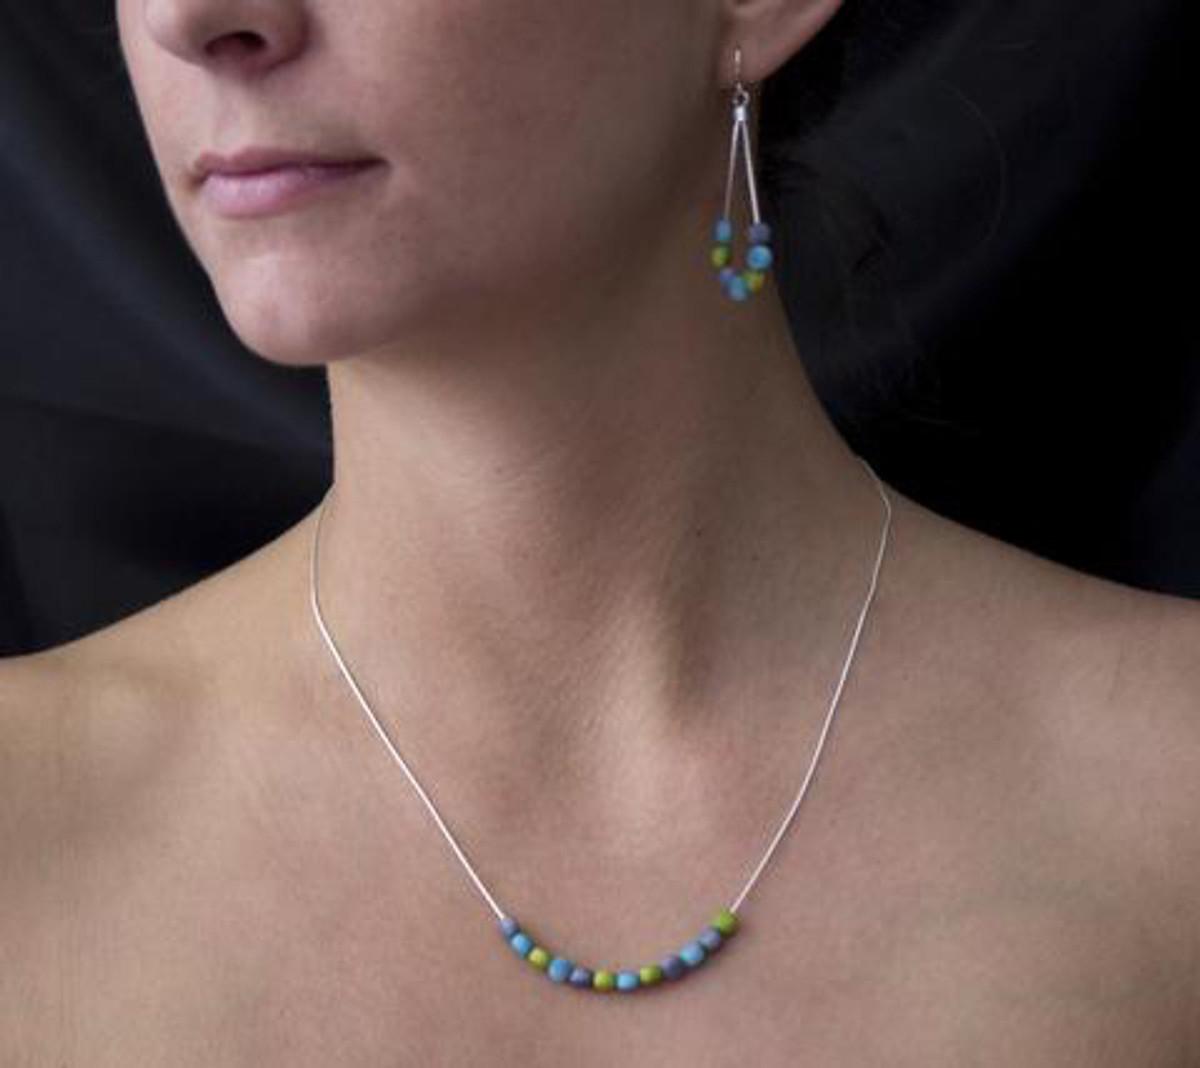 Encanto Jewelry Dulcet Blue Necklace - Multi Color